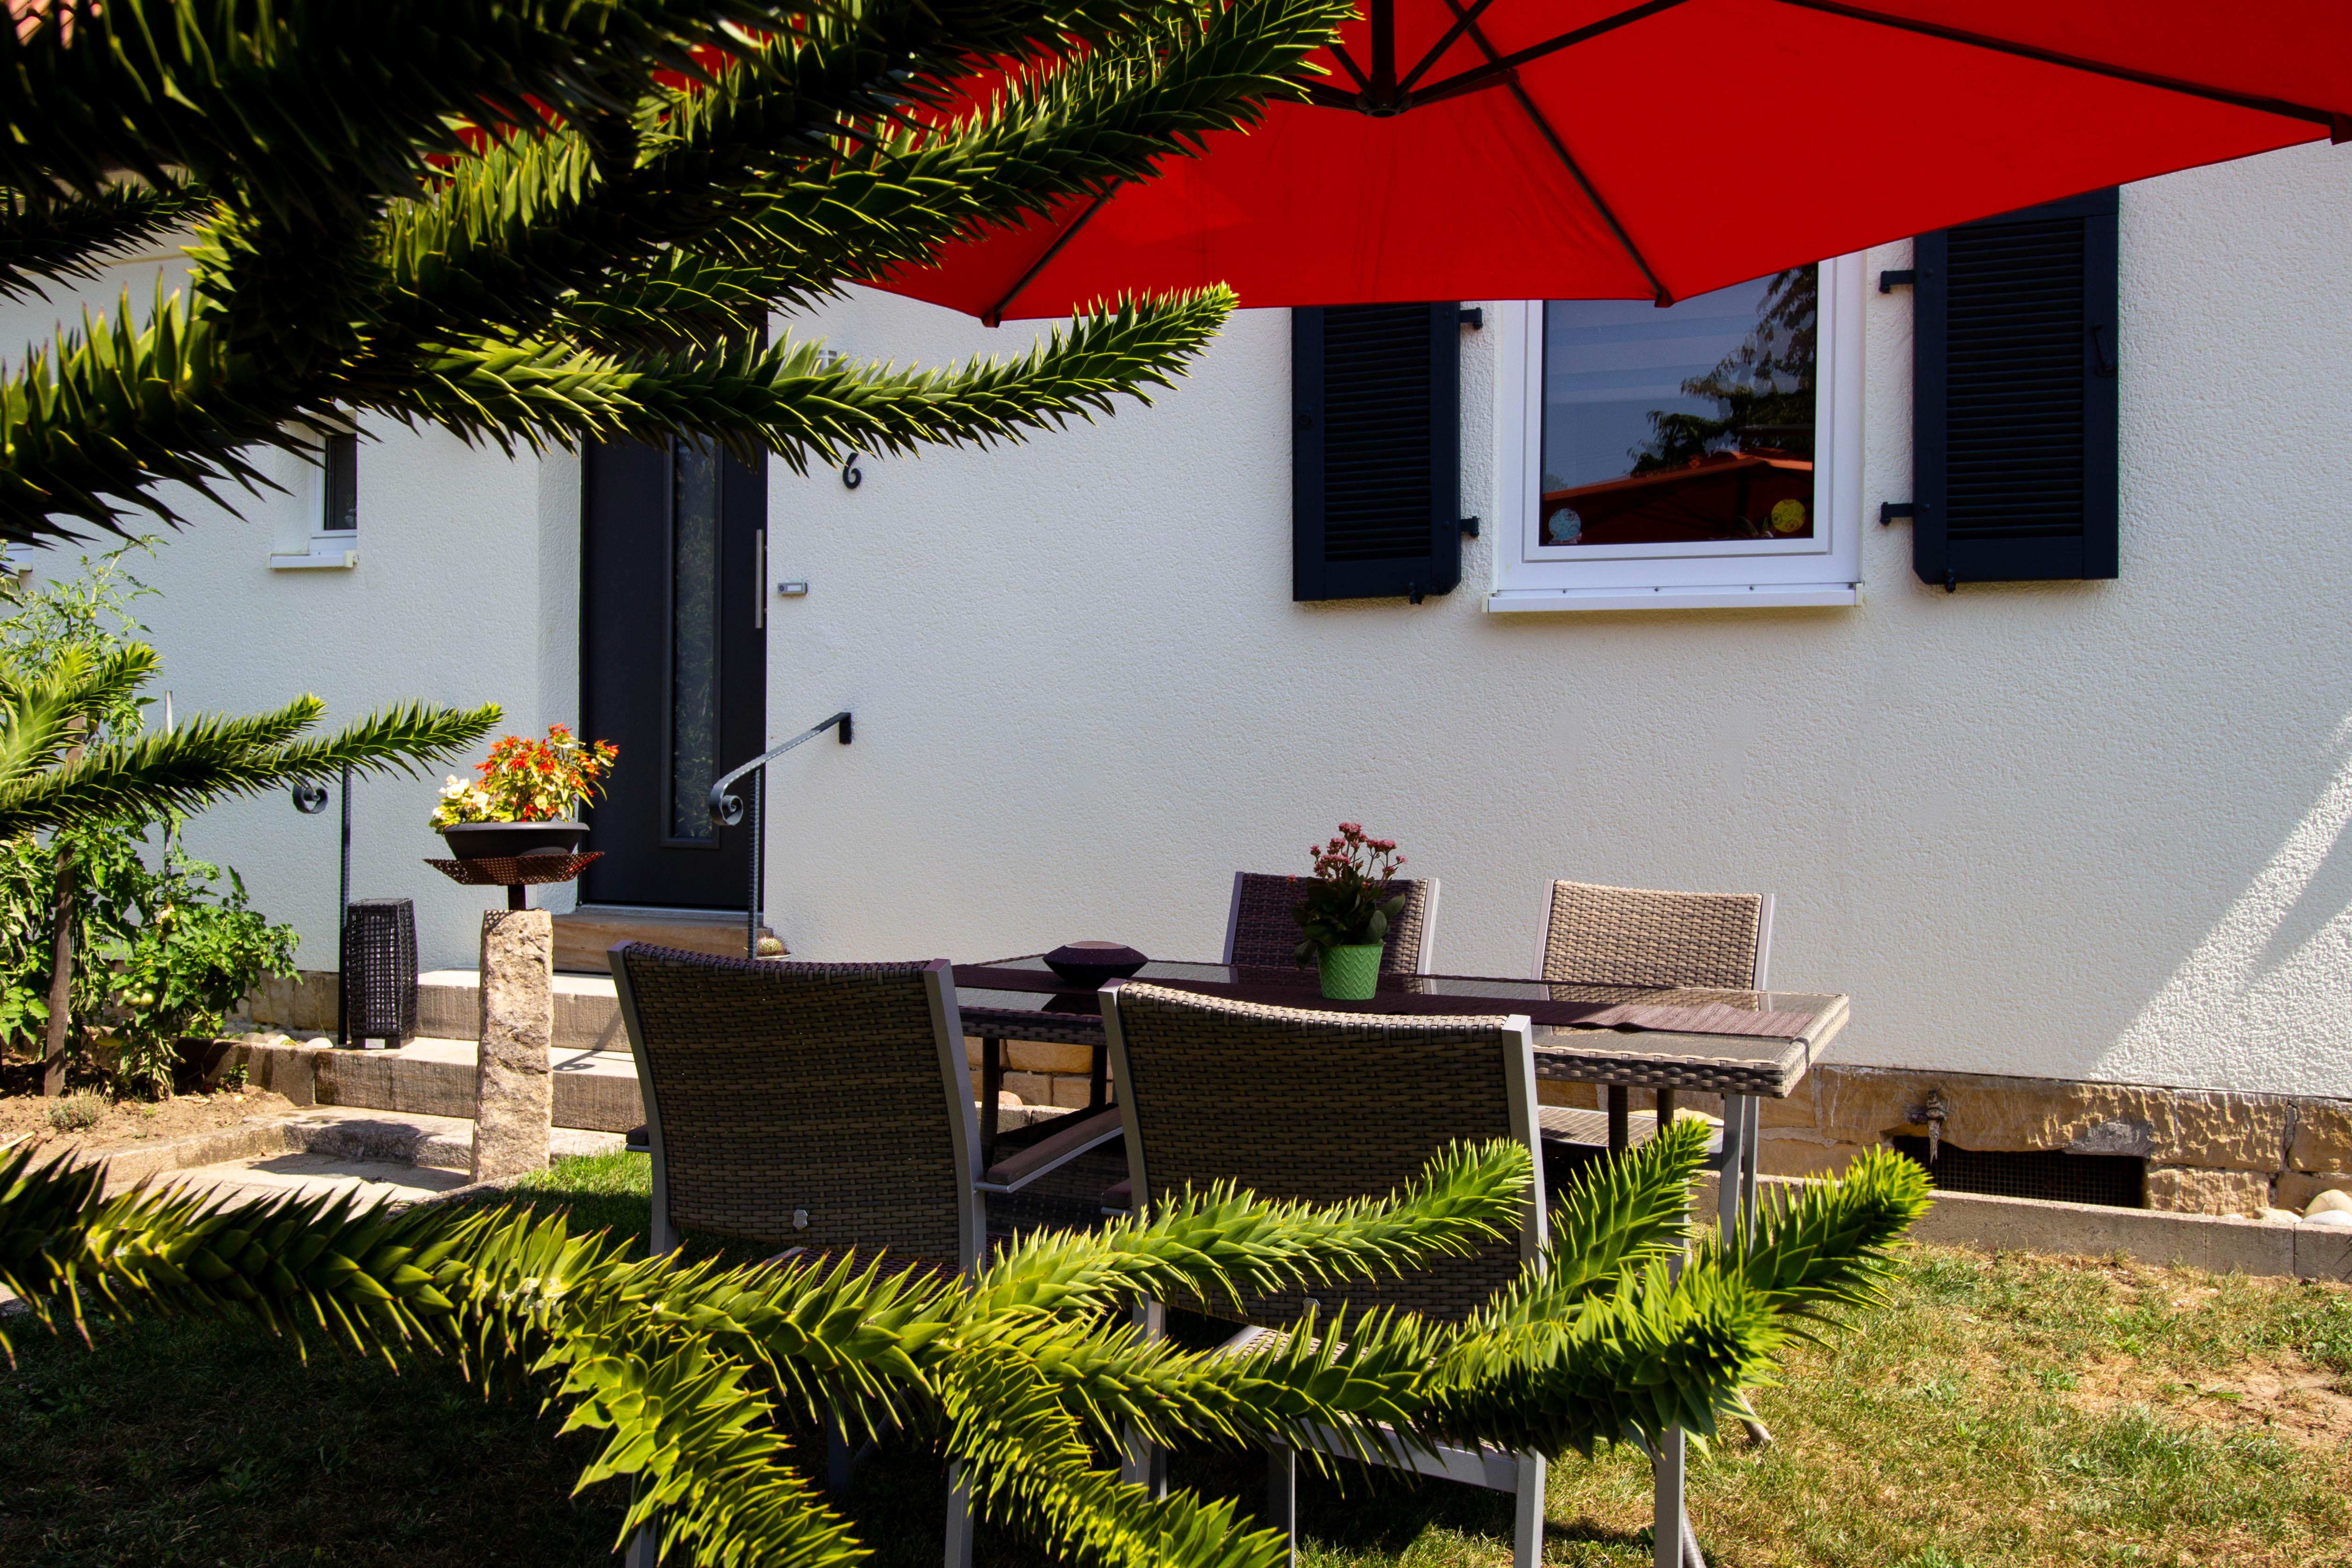 Sitzgruppe Garten Vorgarten Außenbereich Ferienwohnung Maier Bad Dürkheim Ungstein Fewo Pension Ferienhaus Urlaub in Bad Dürkheim Rheinland Pfalz